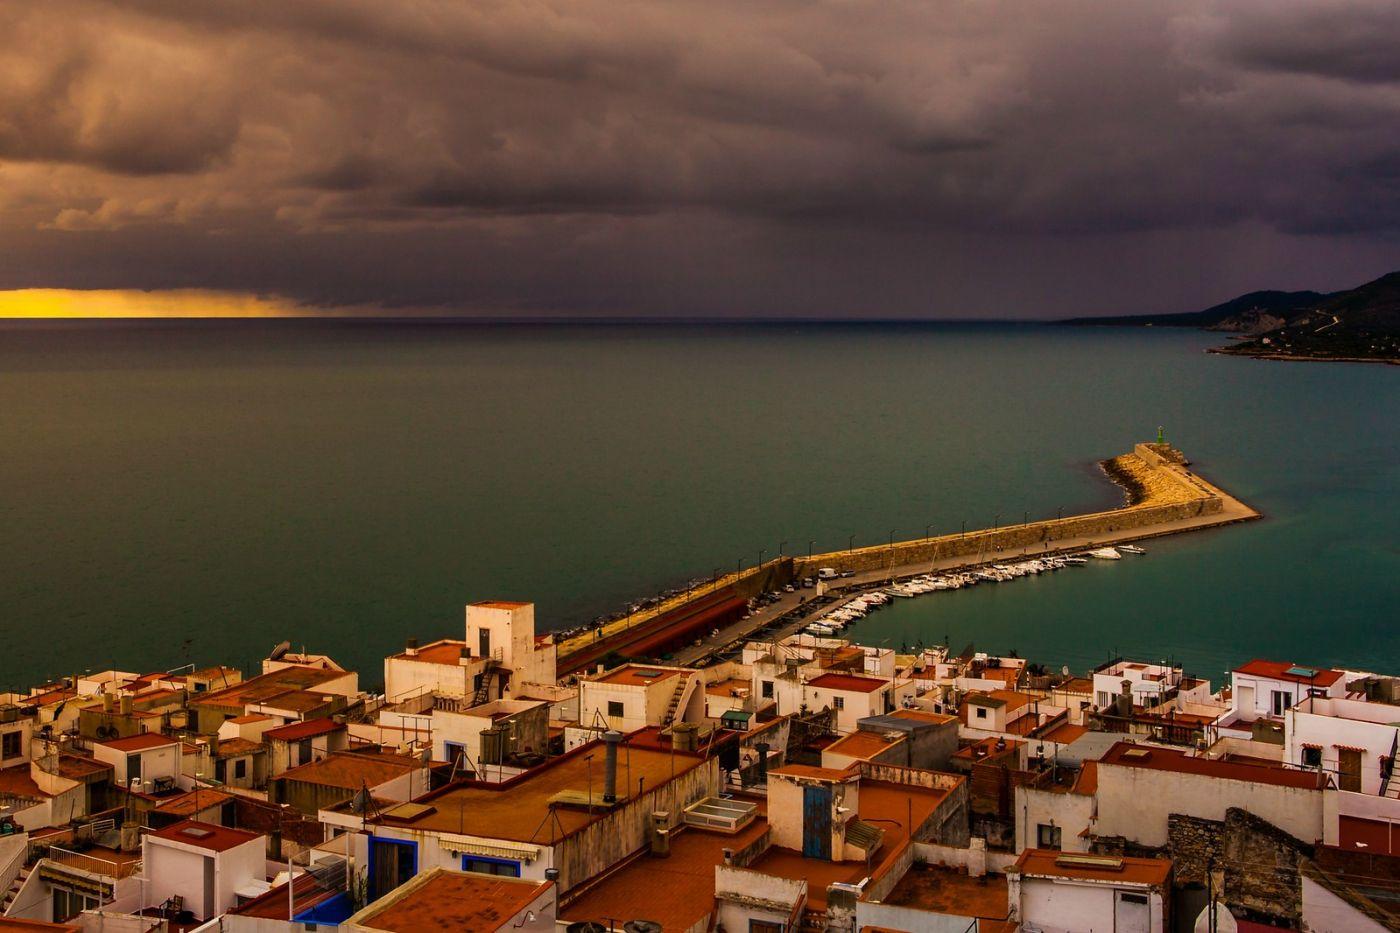 西班牙佩尼伊斯科拉(Peniscola),海边的景色令人神往_图1-5